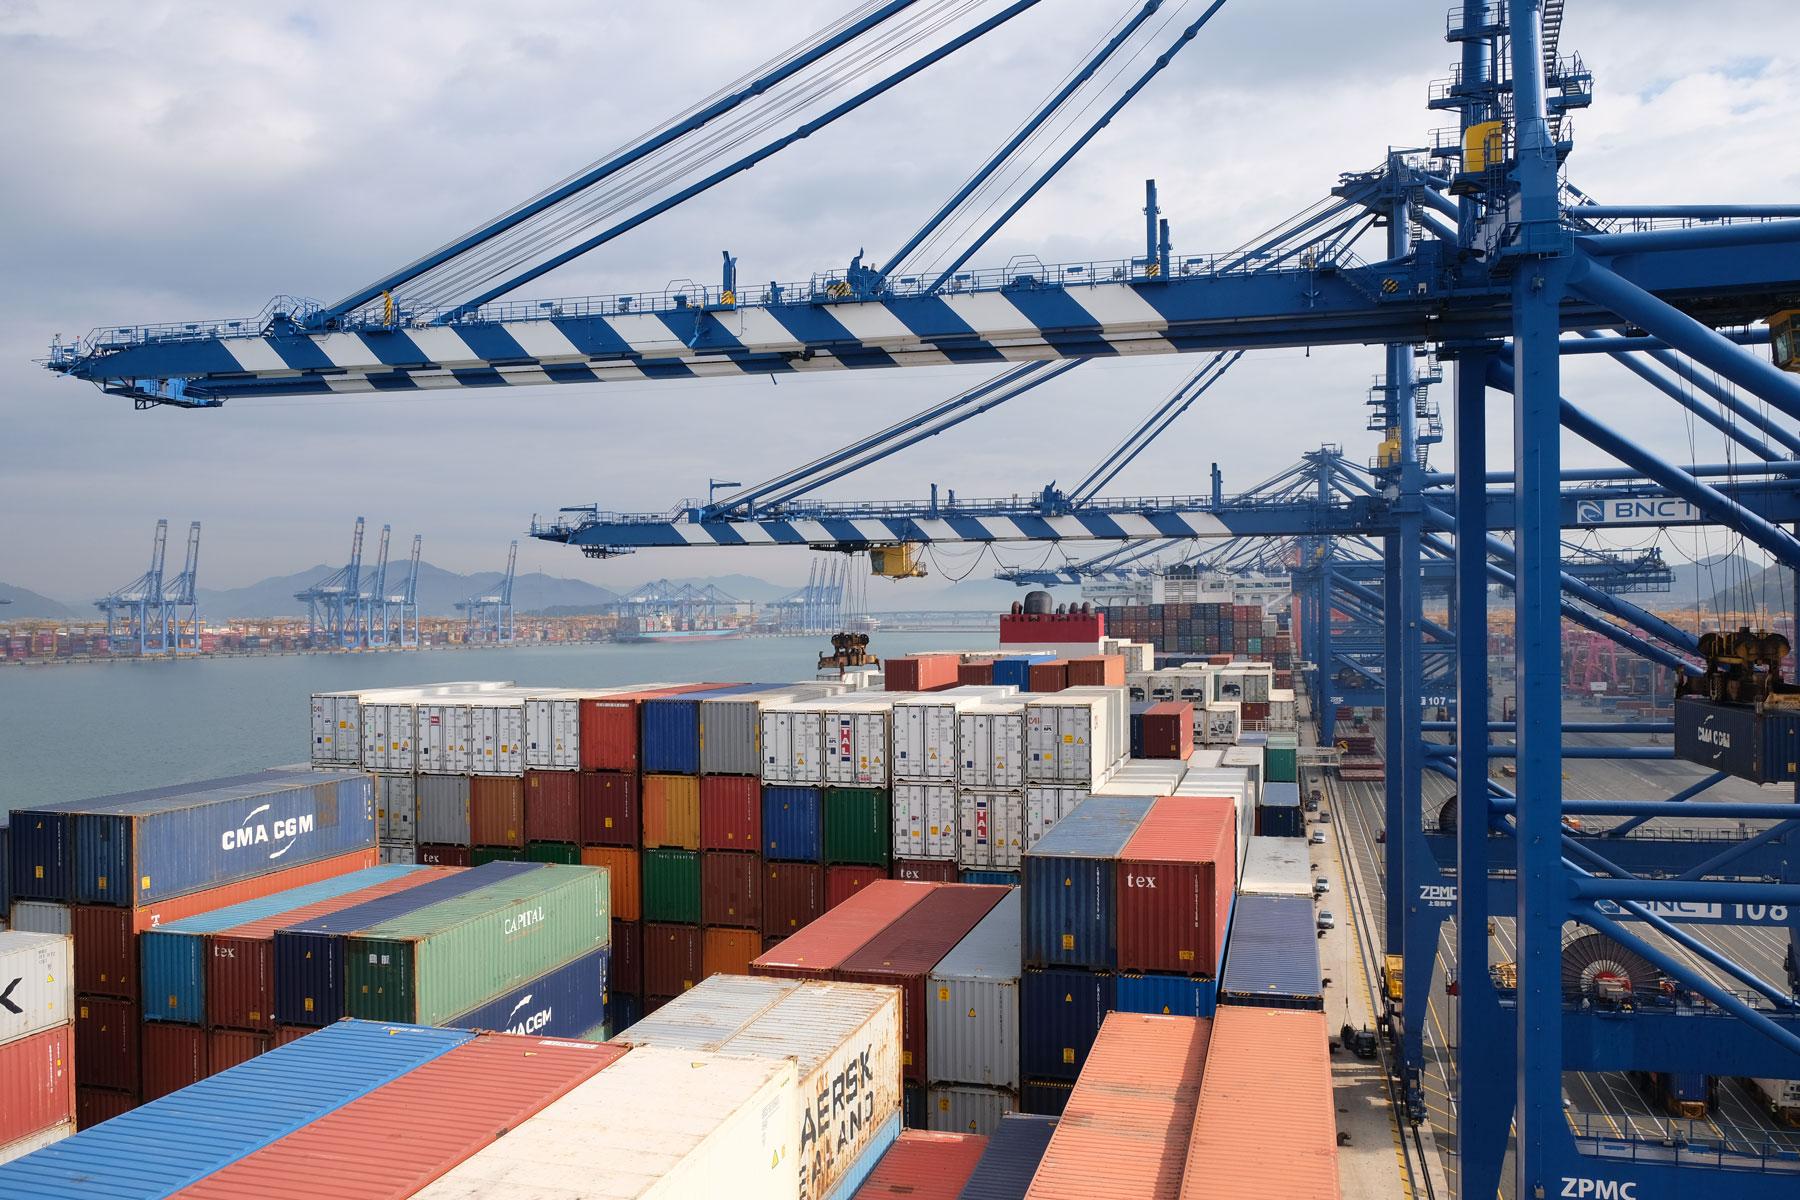 Ladungswechsel eines Containerschiffs am Hafen von Buzan in Südkorea.